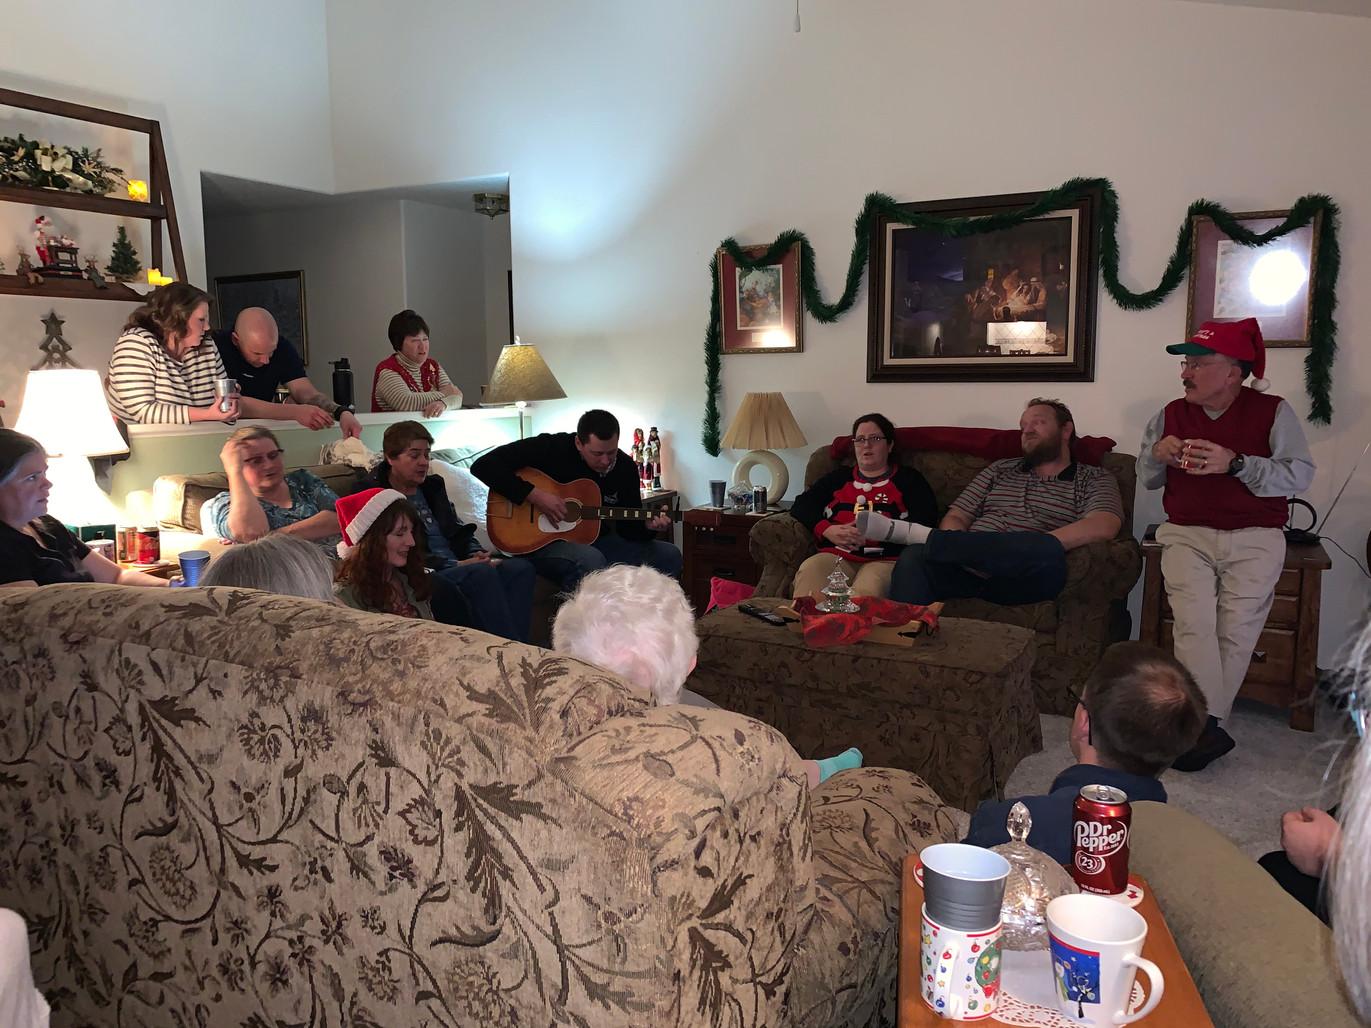 Living Room - broad view of people.jpg